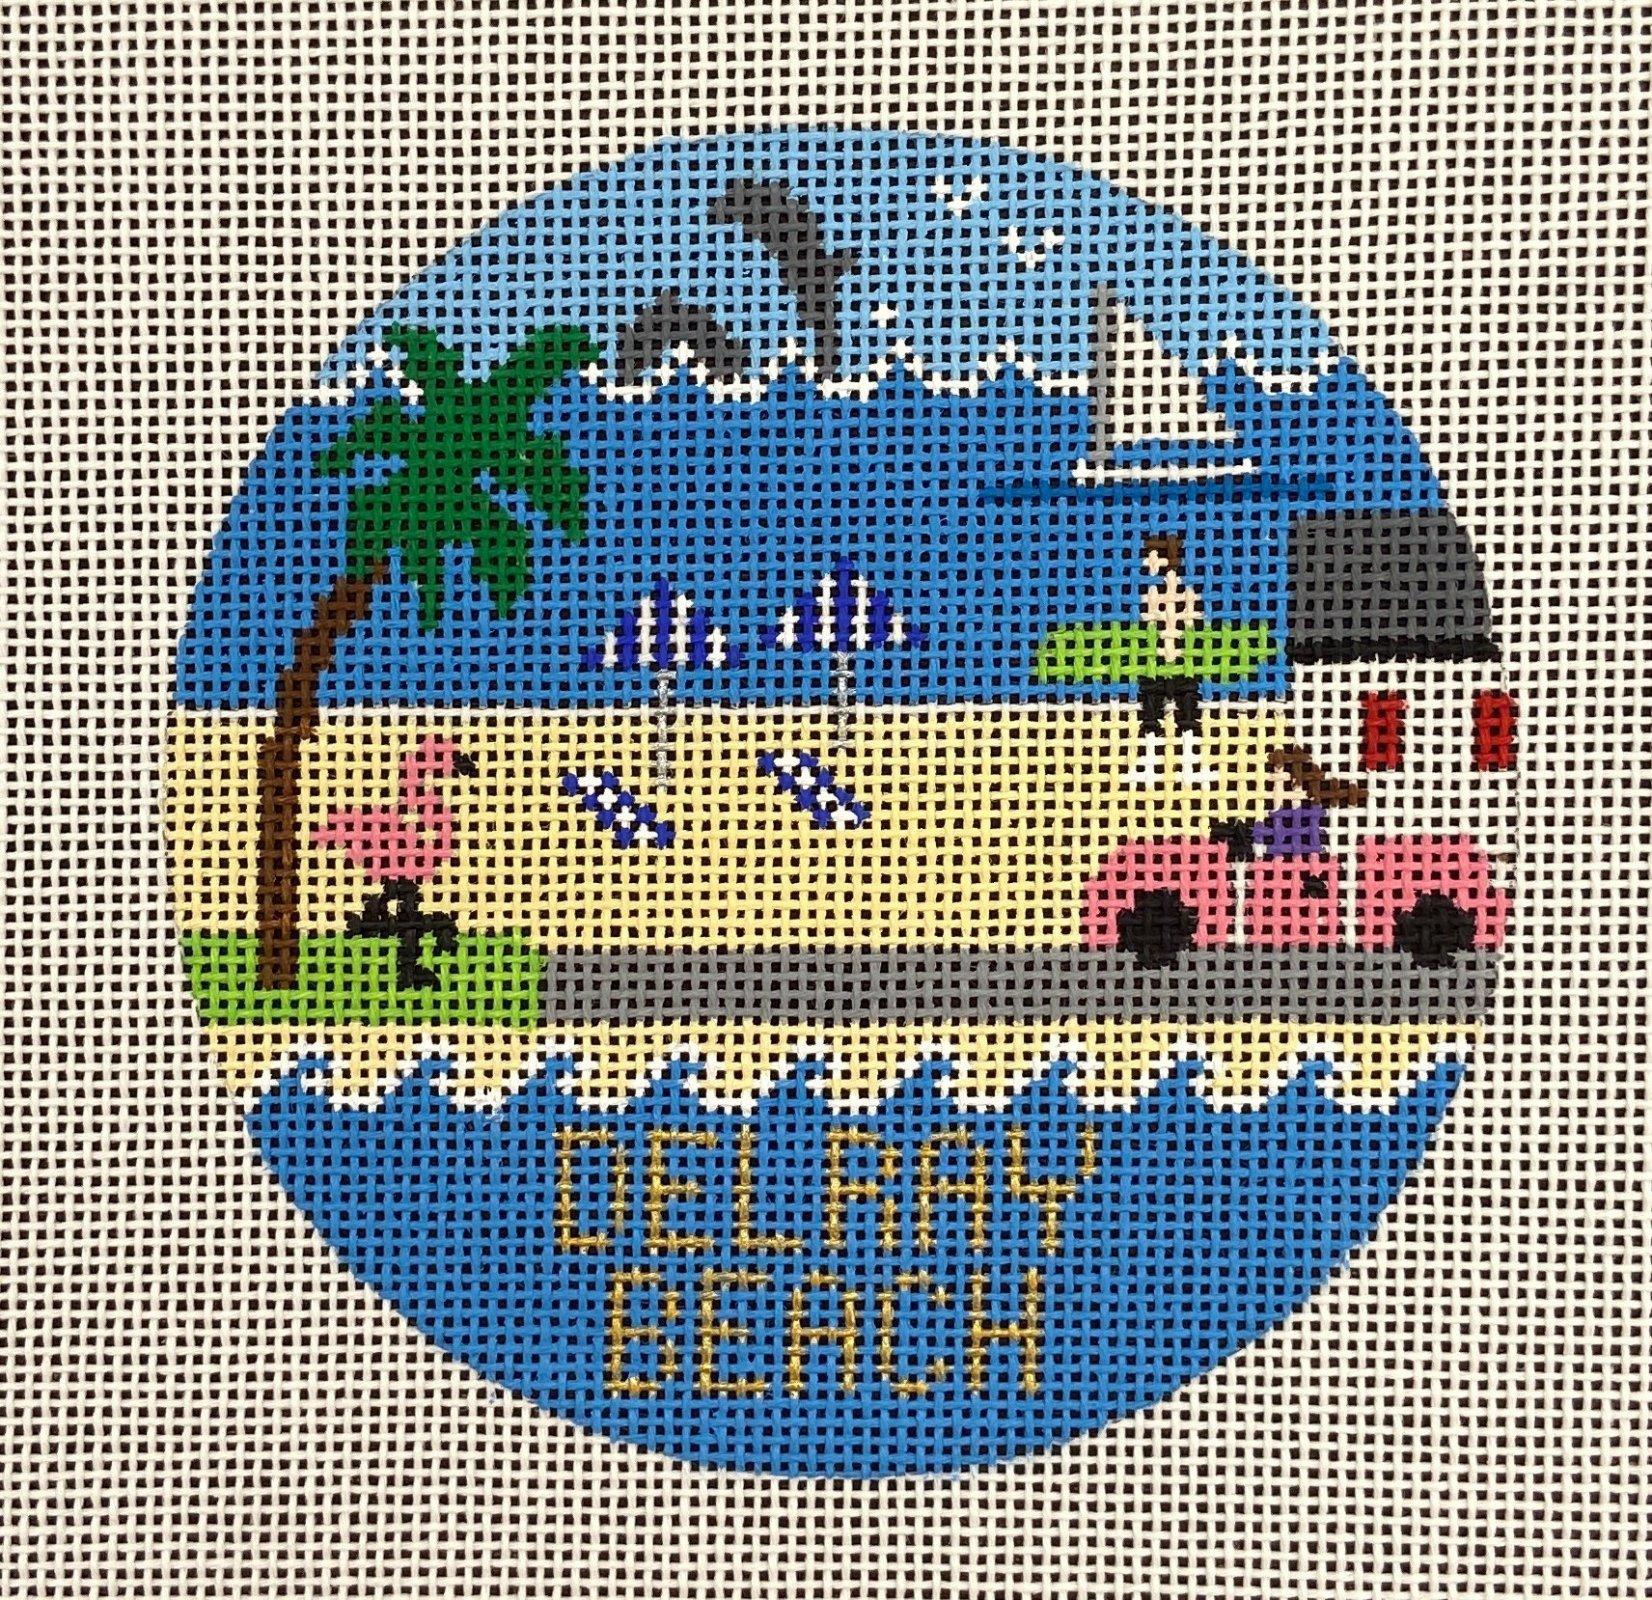 R335 Delray Beach Travel Round Doolittle Stitchery